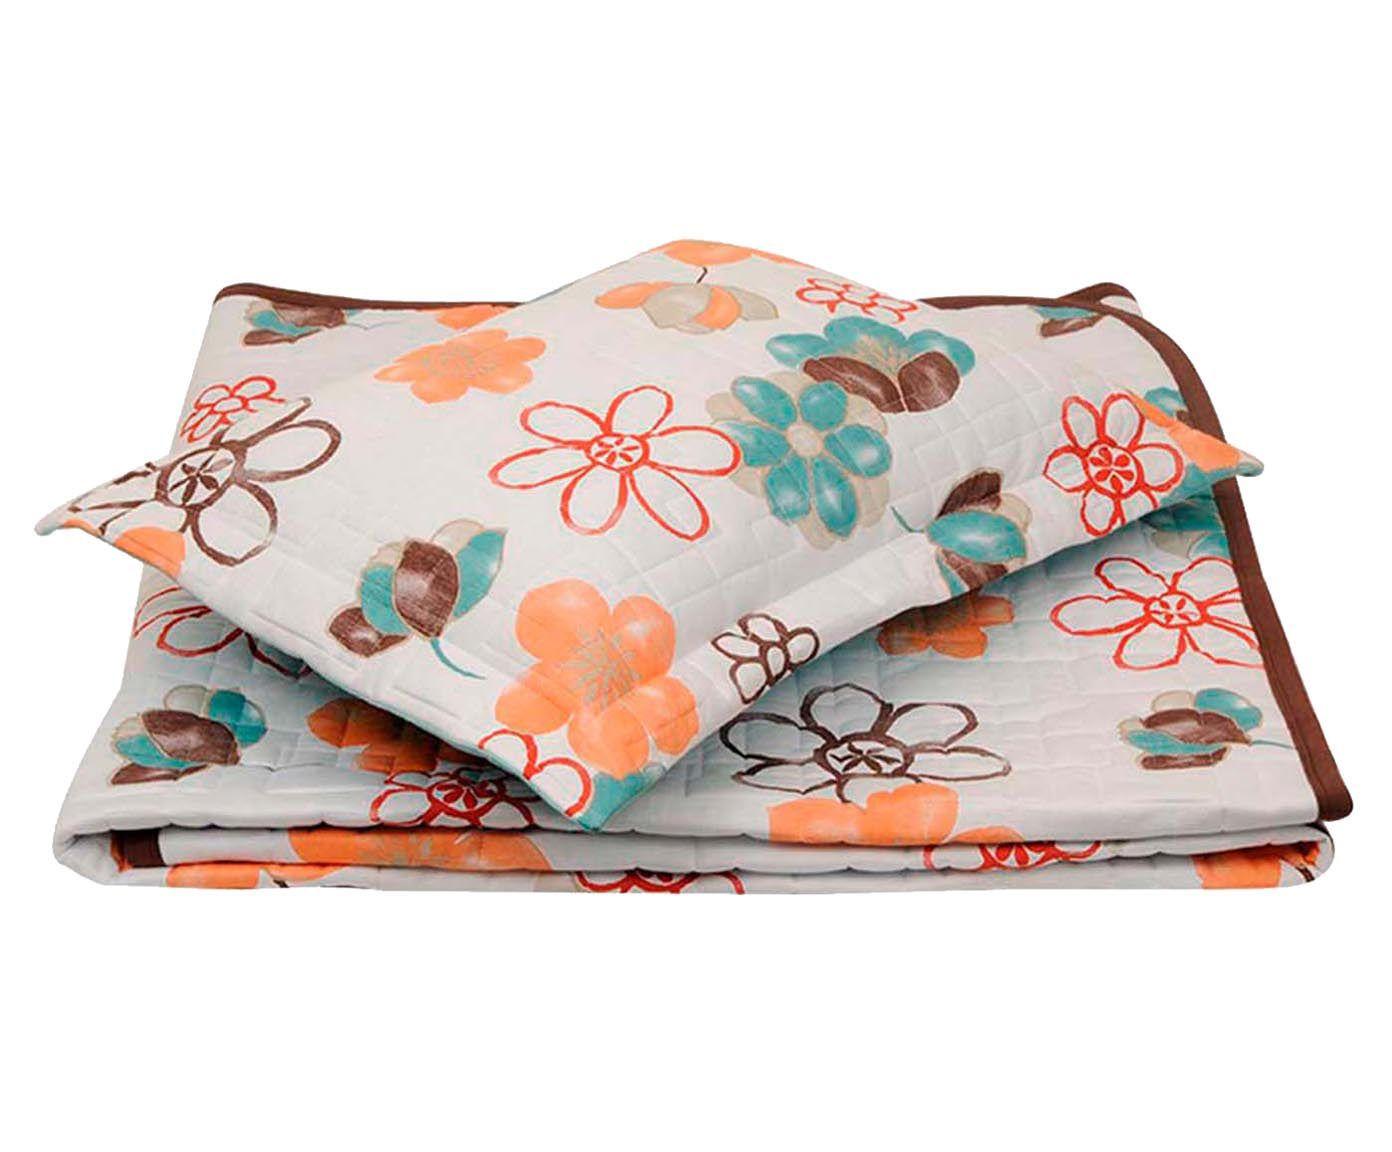 Conjunto de cobre-leito anne marie - para cama de solteiro   Westwing.com.br